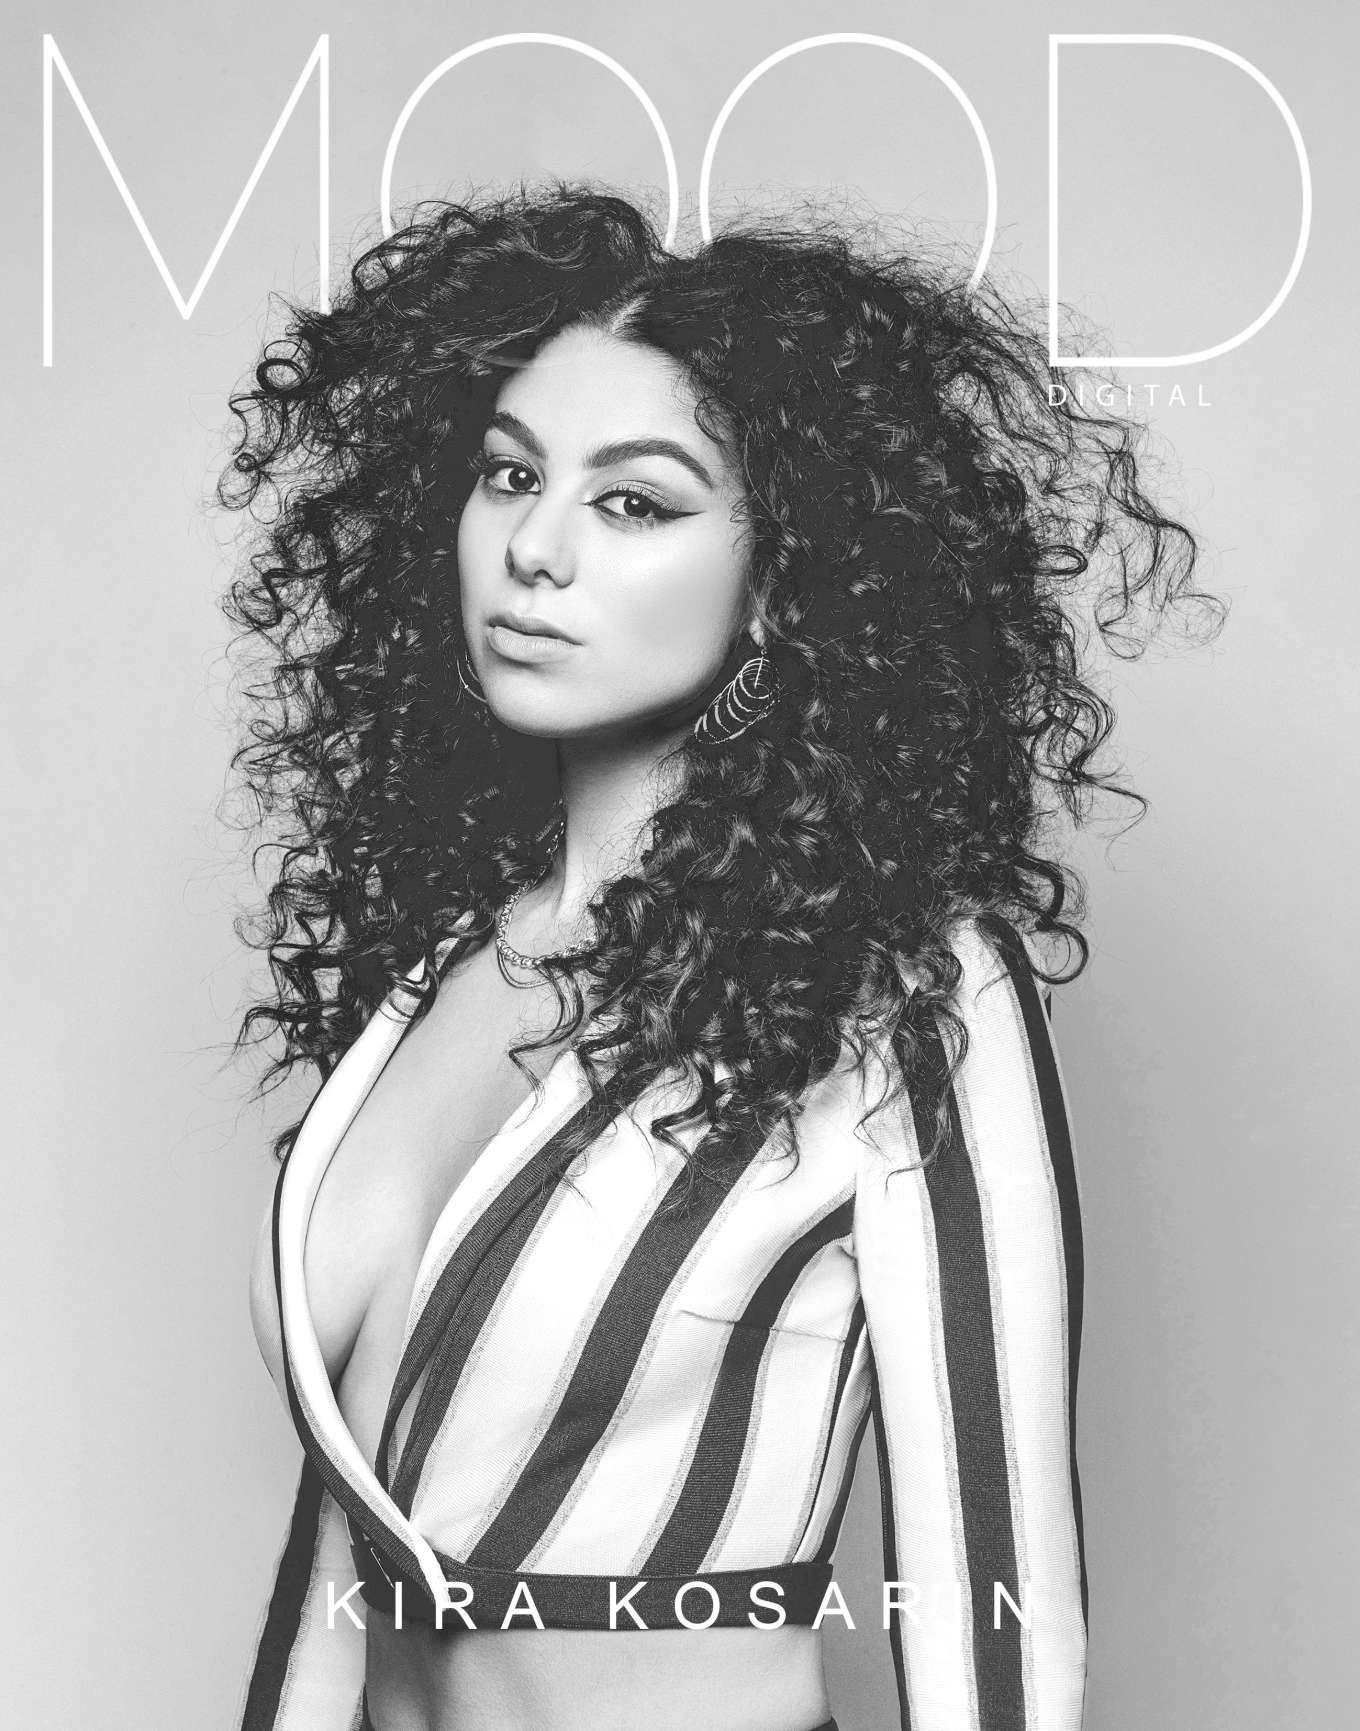 Kira Kosarin - Mood Magazine July 2019